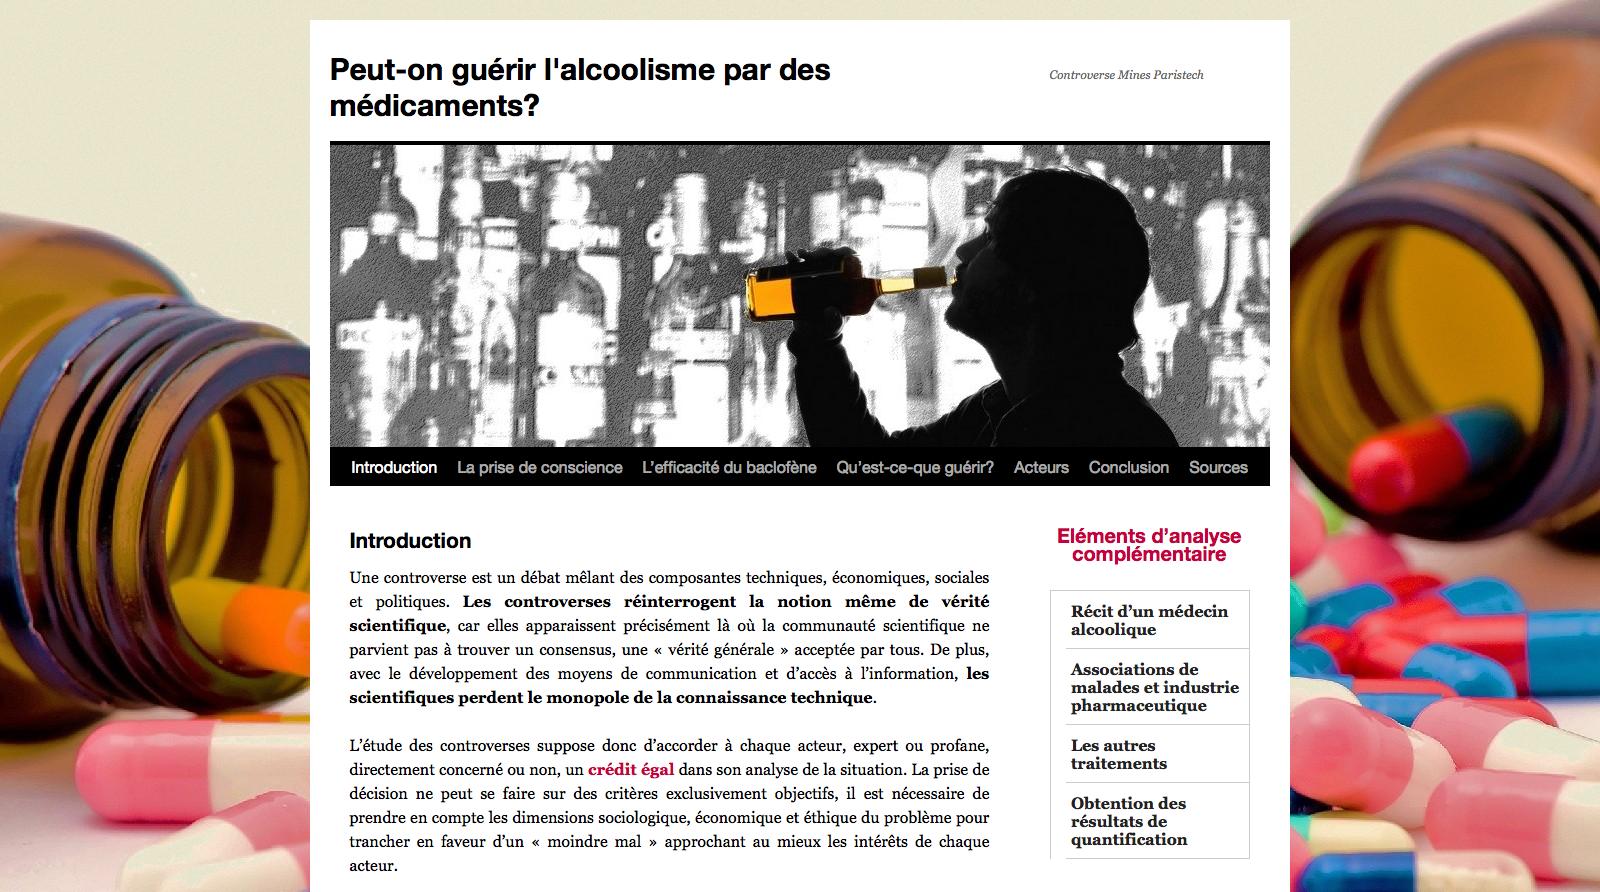 Le site sur l'alcolisme